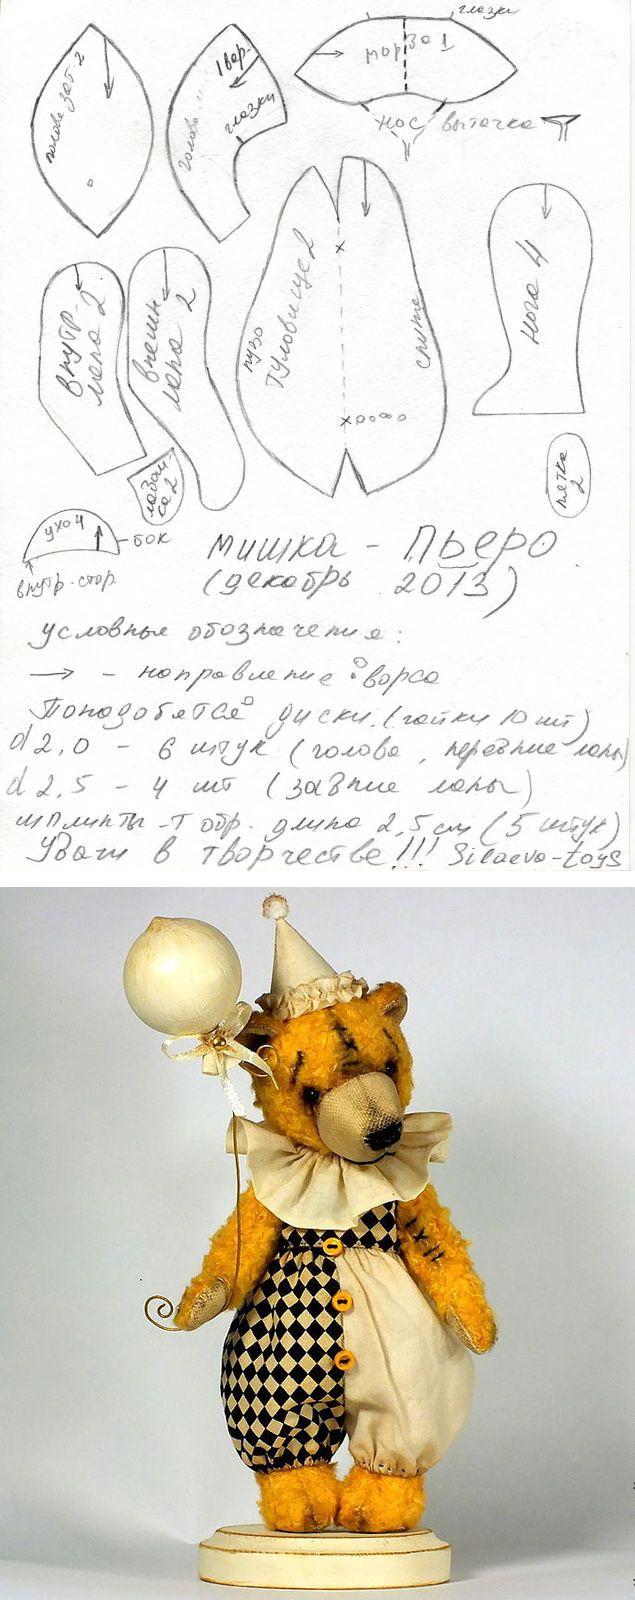 Teddy bear pattern / Выкройка тедди мишки Пьеро от Екатерины Силаевой